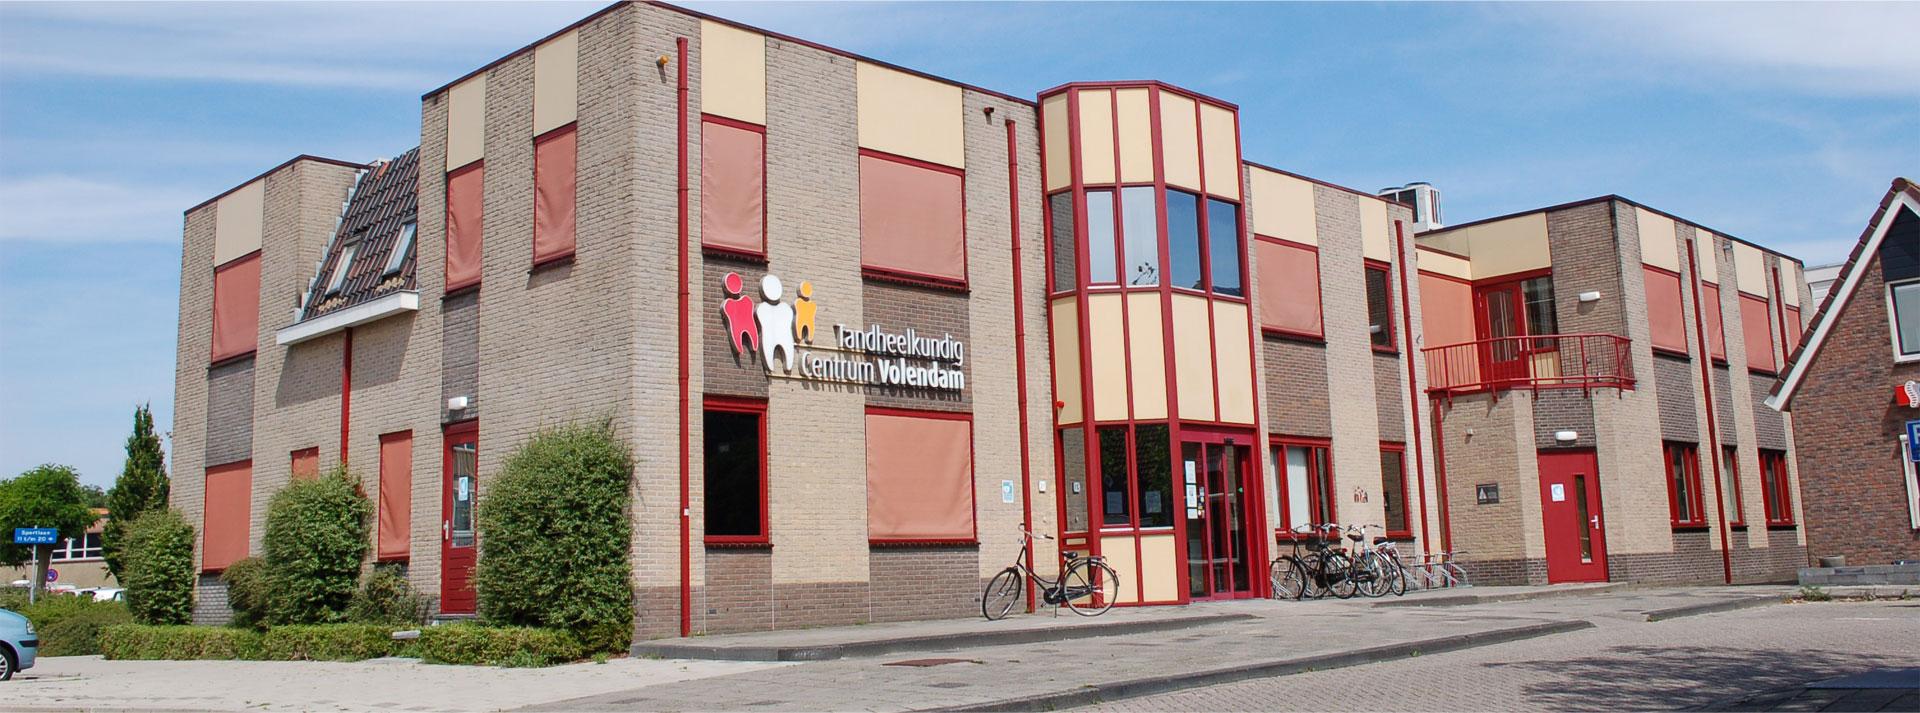 Tandheelkundigcentrum Volendam